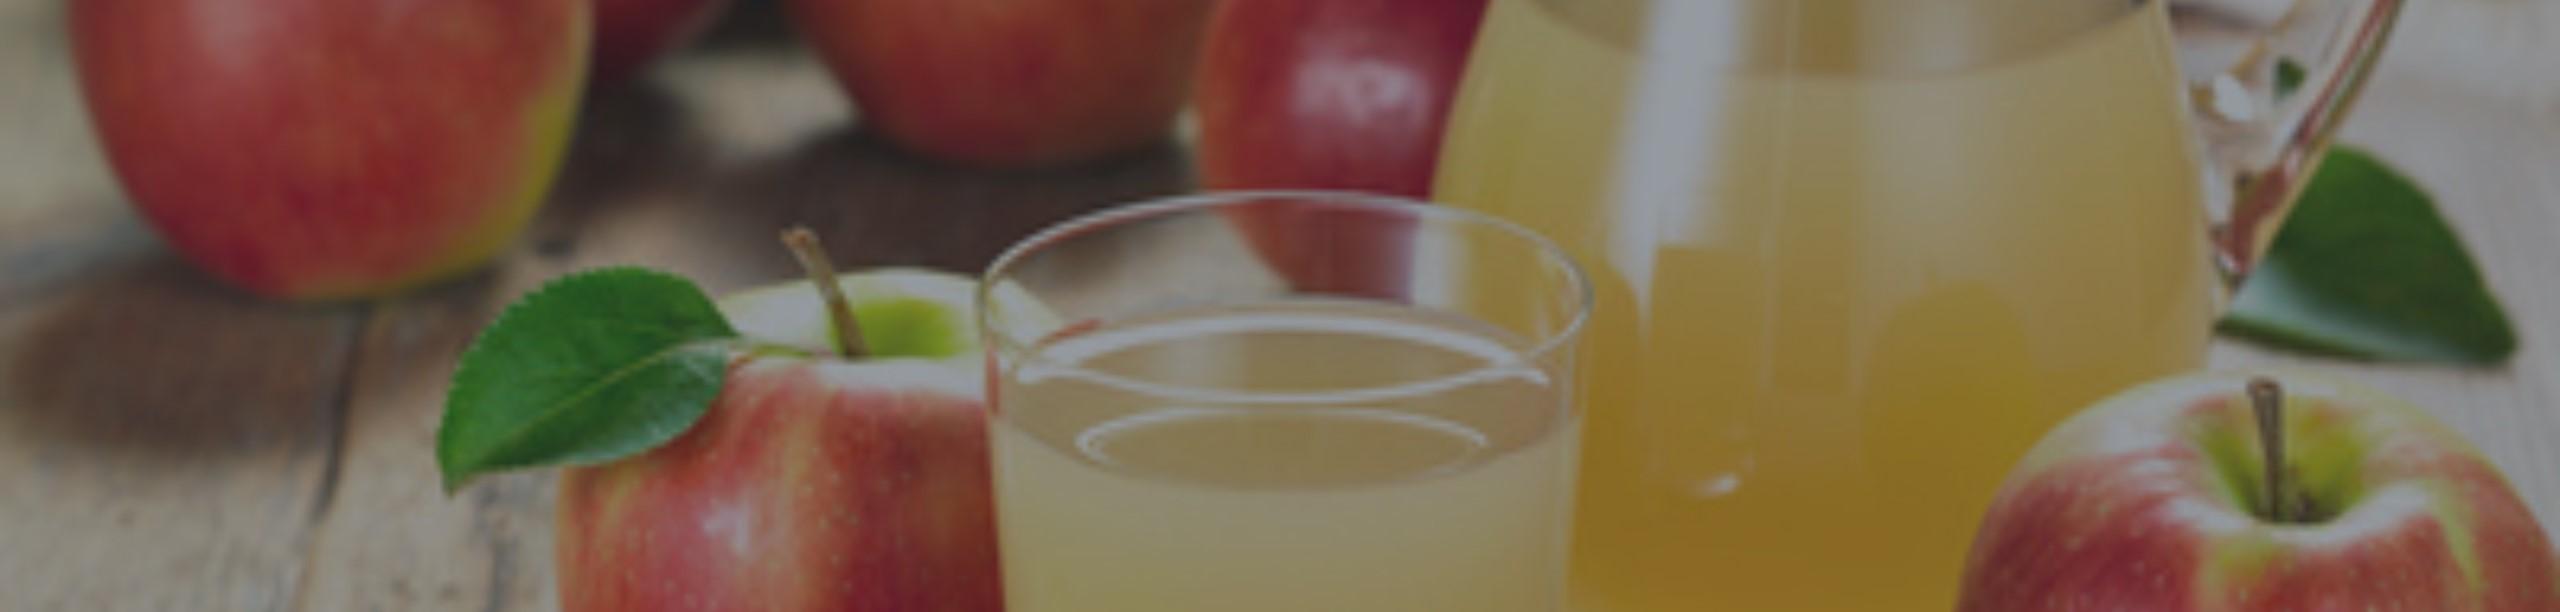 apple juice1-3